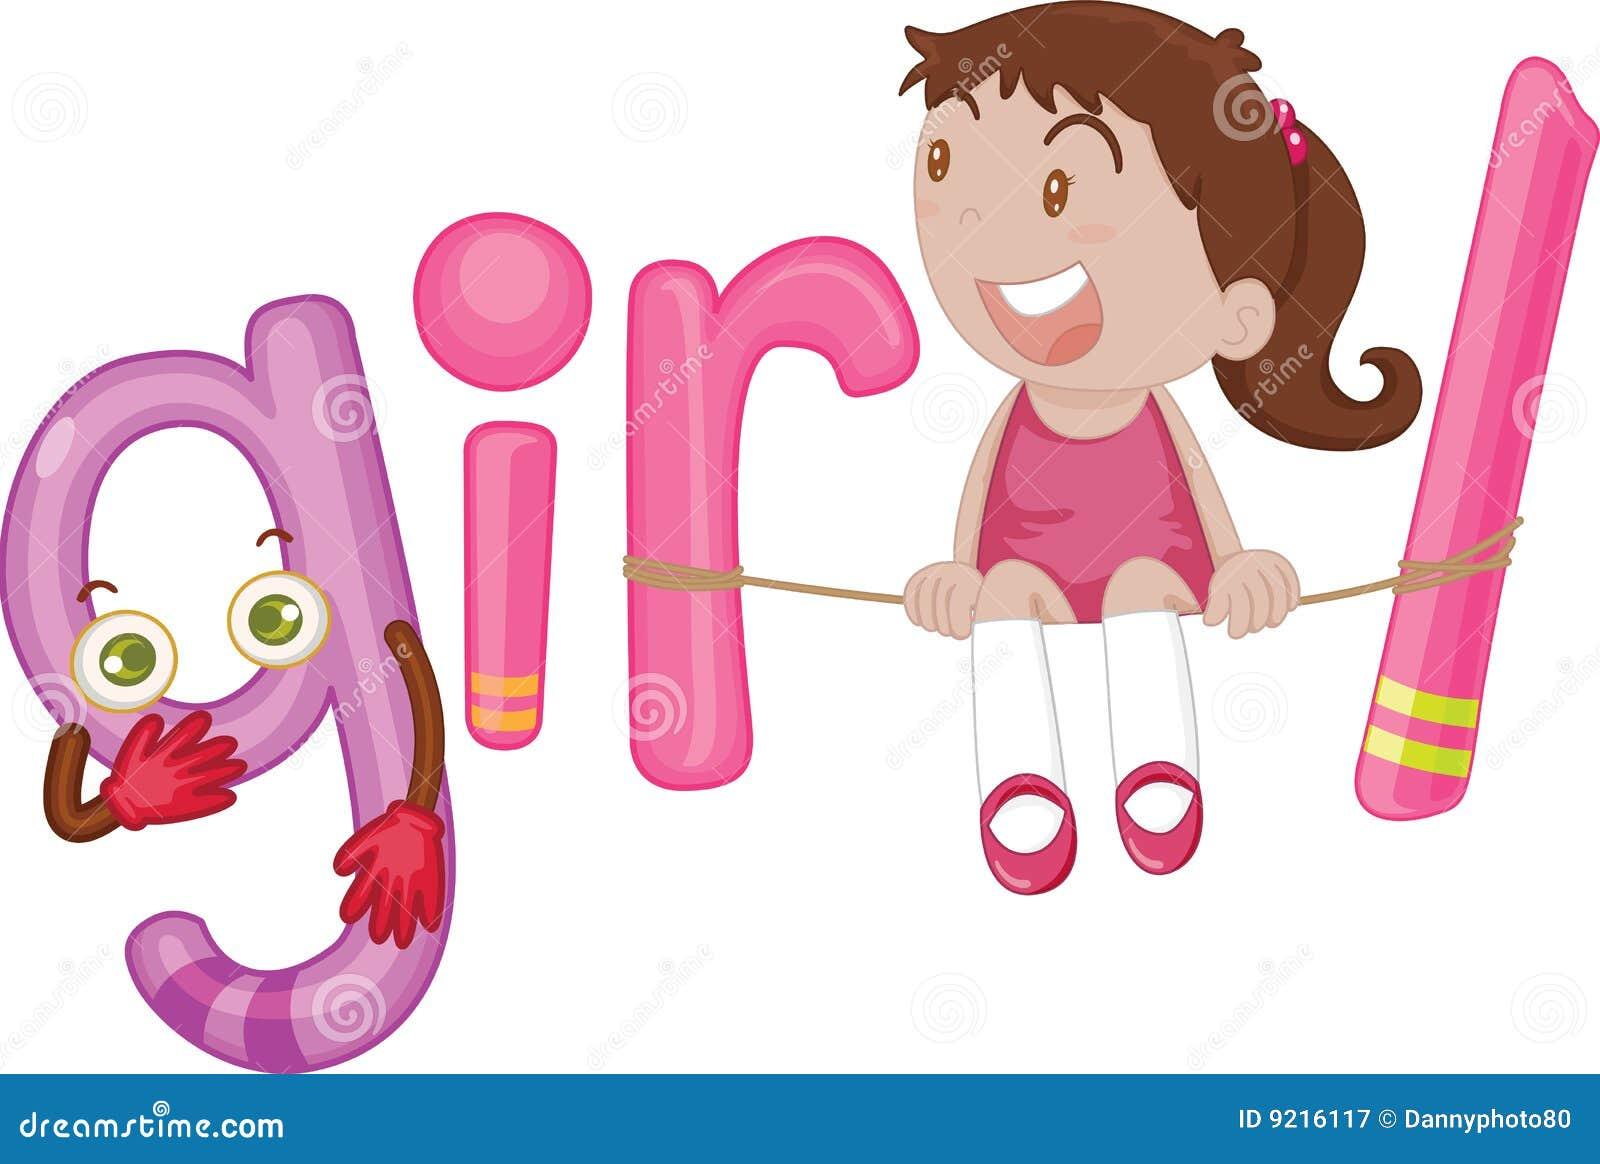 G voor meisje